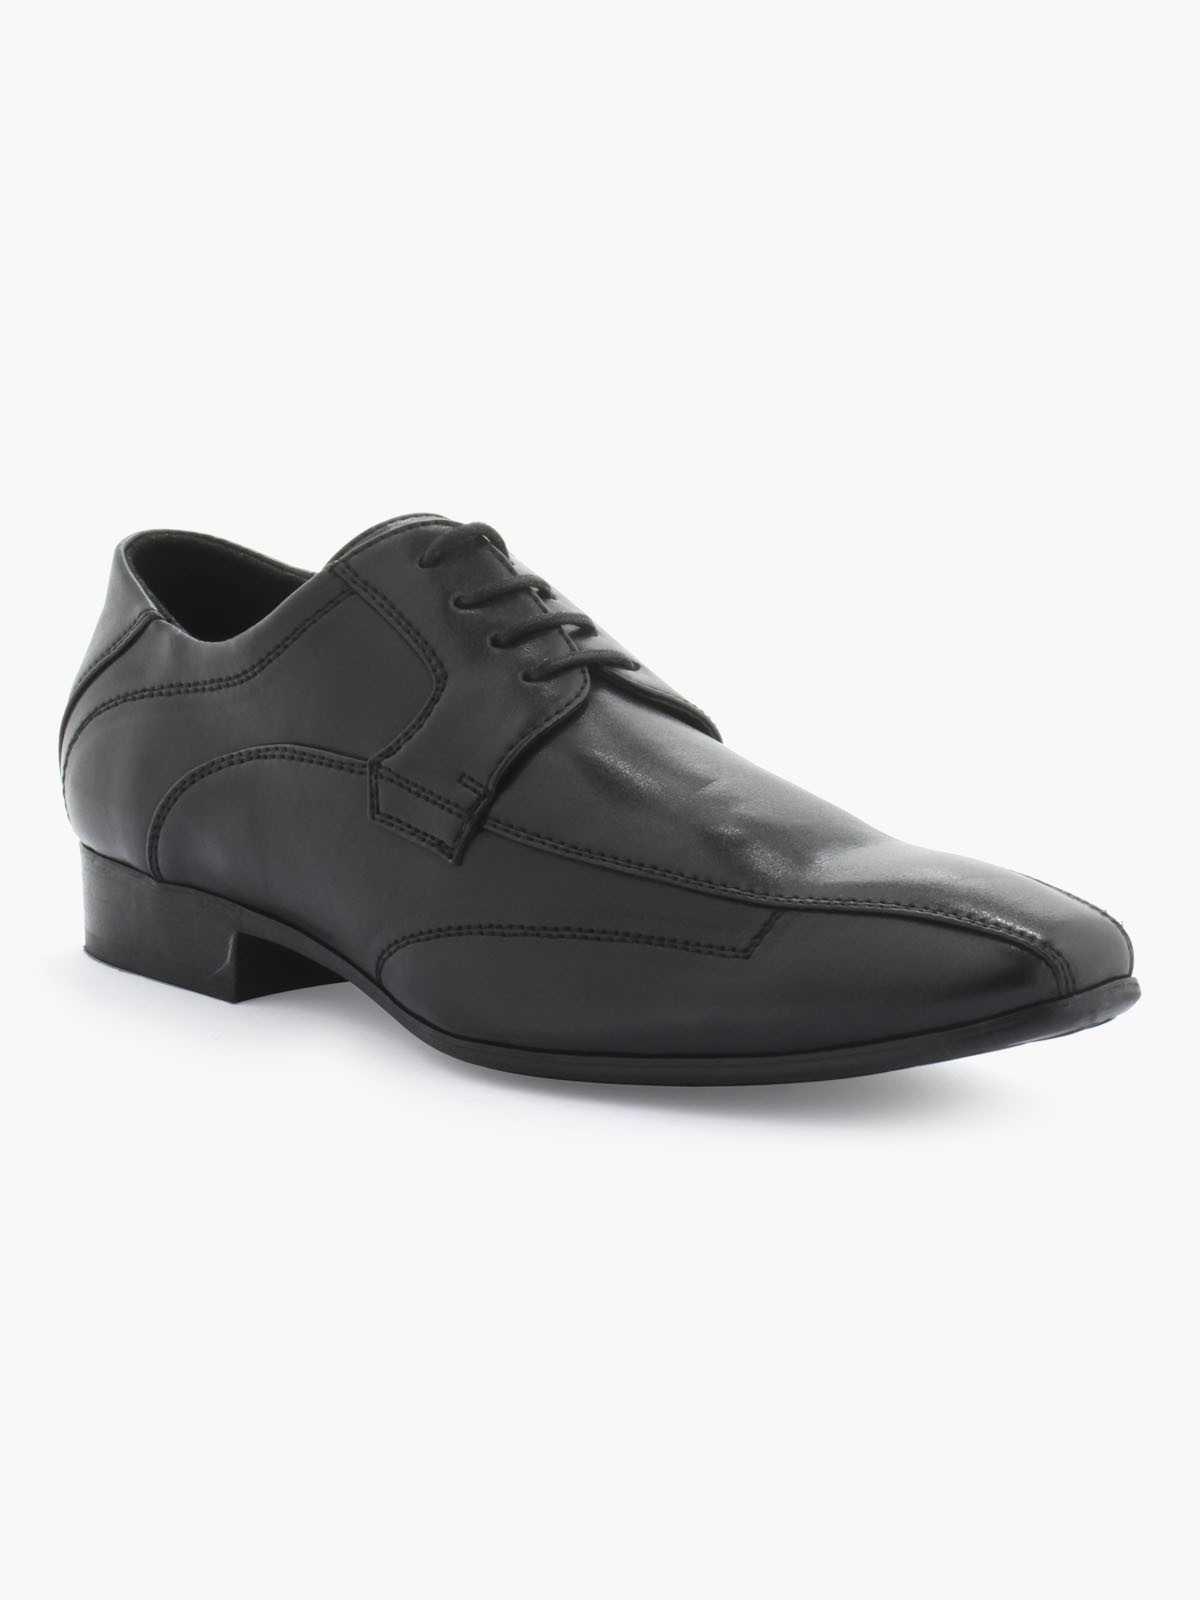 Chaussure de ville homme la halle